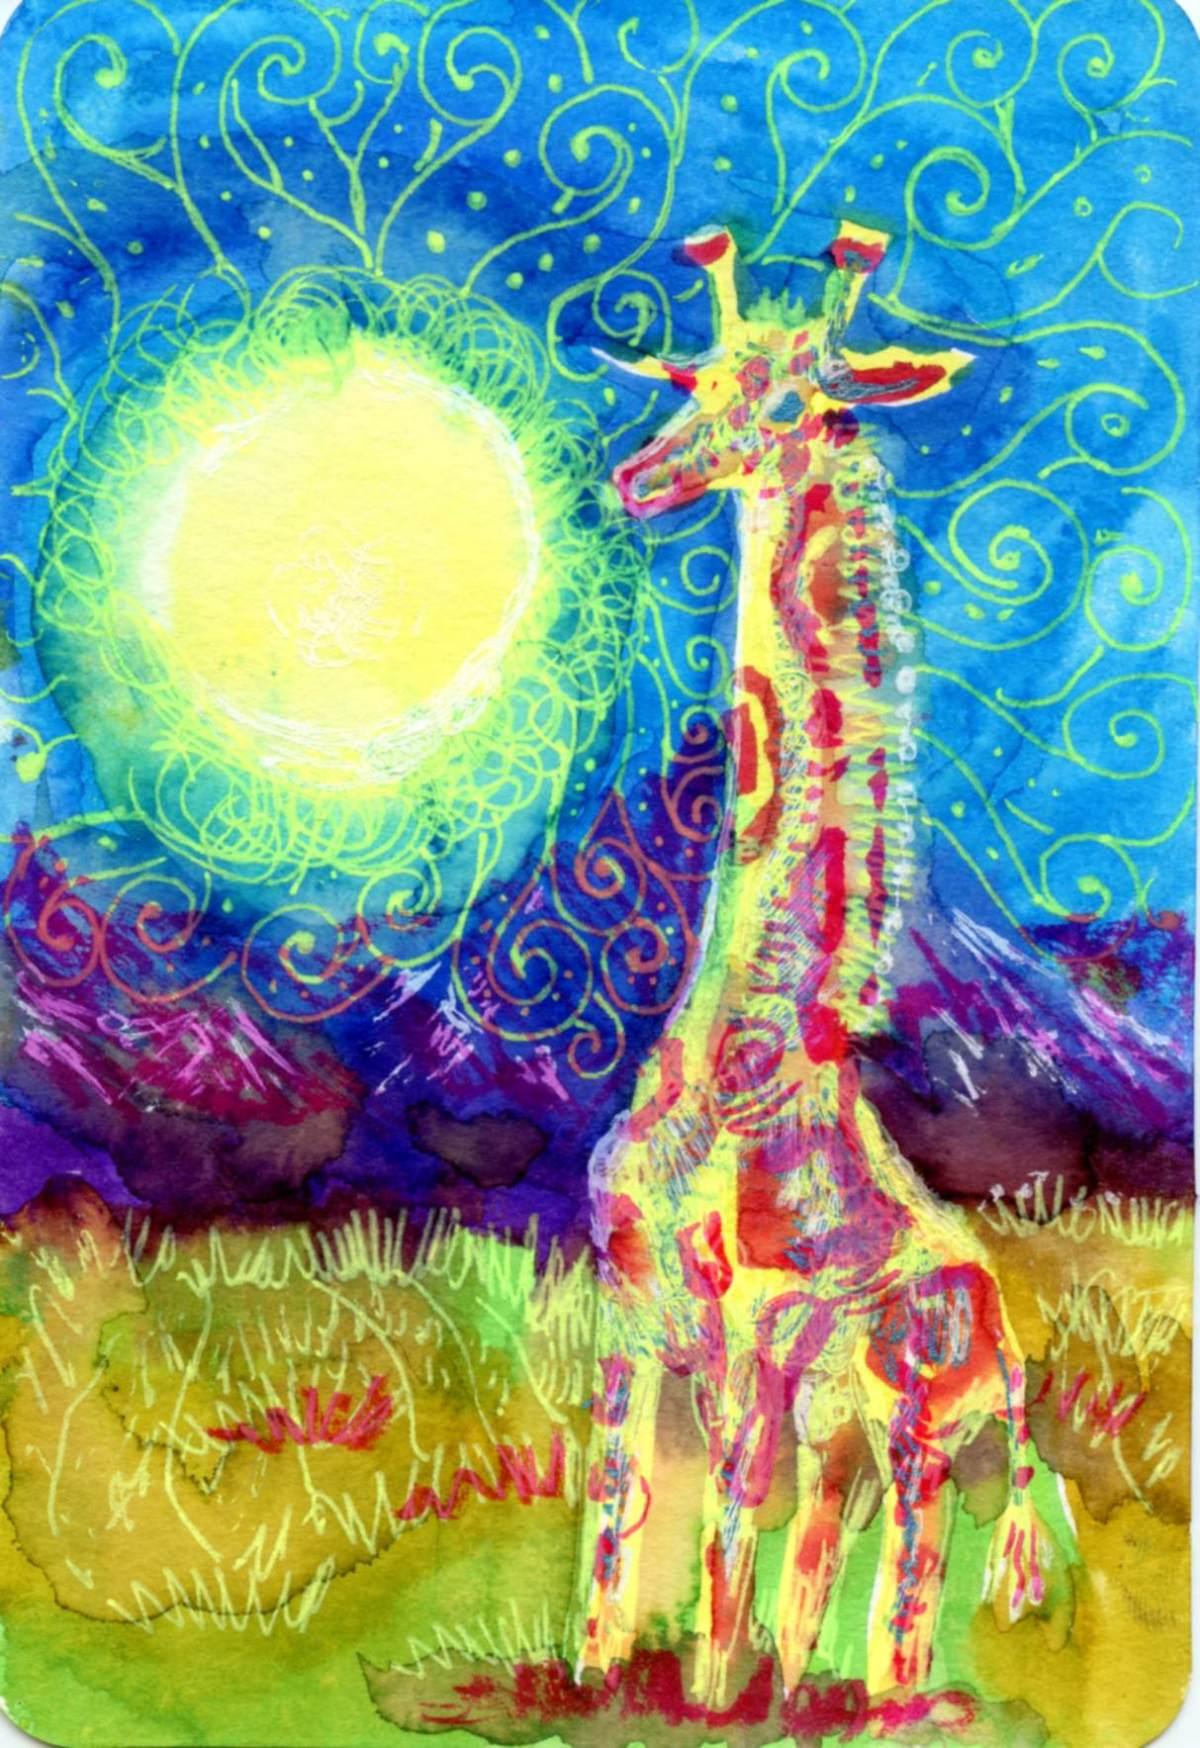 Hot Summer Night withGiraffe